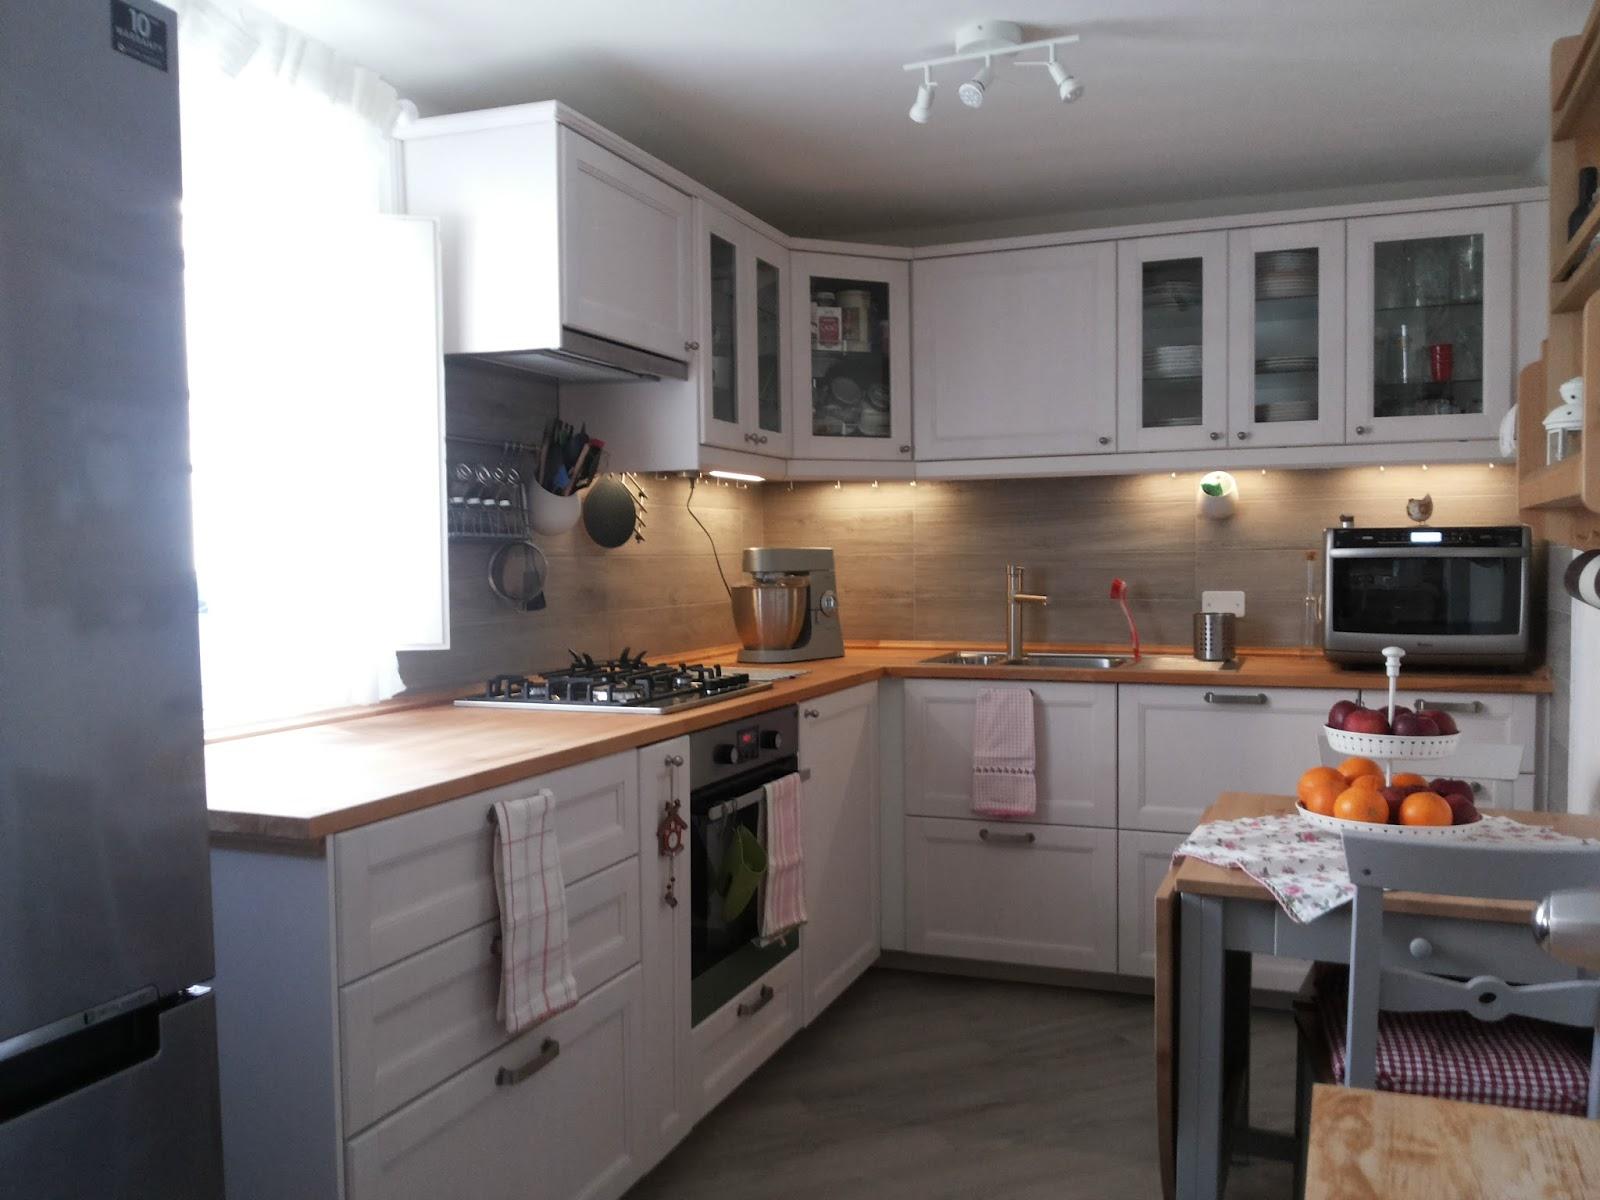 Cucina Ad Angolo Con Finestra Idee Per La Casa Douglasfallscom